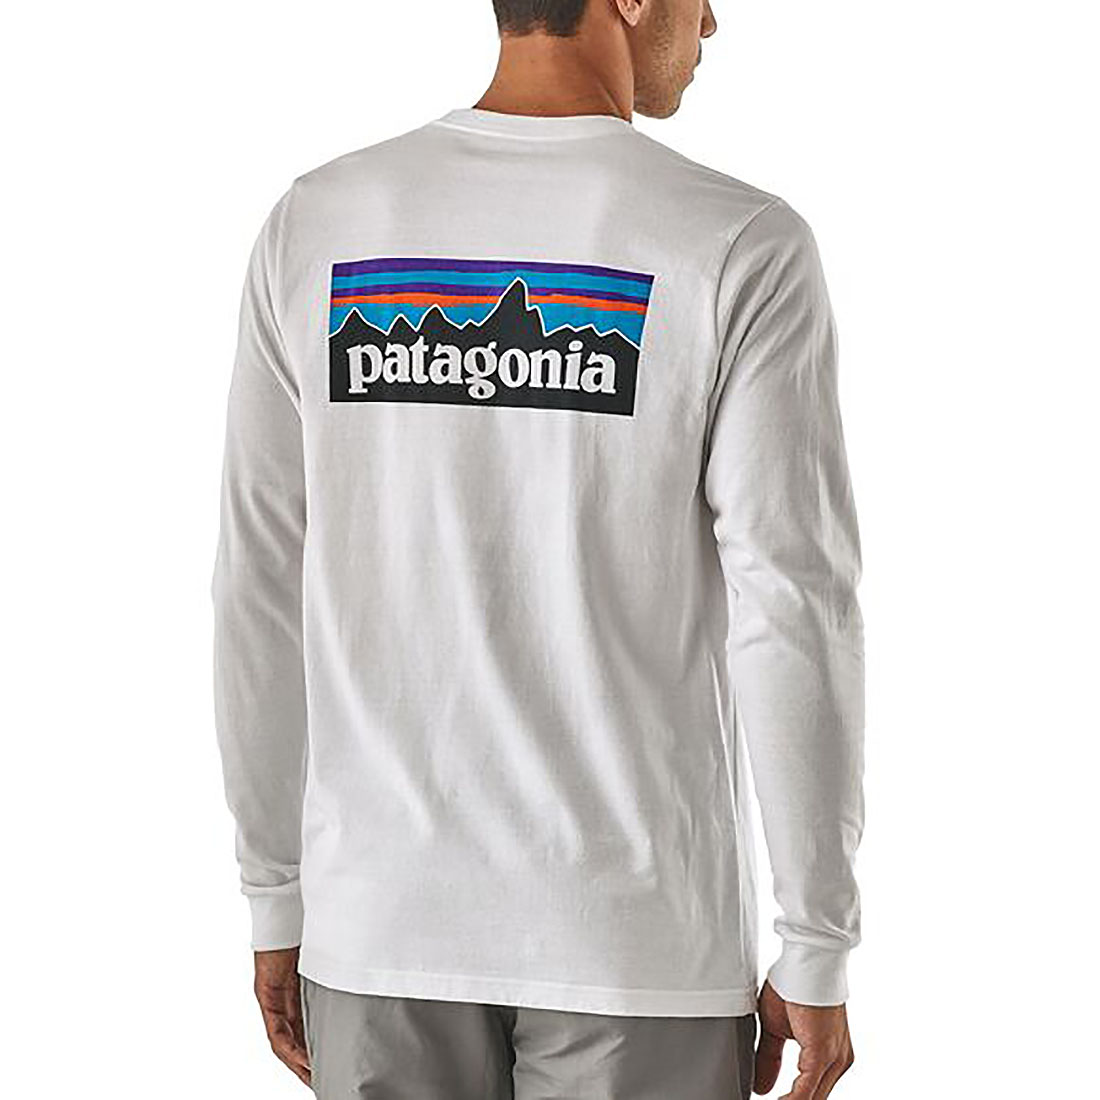 パタゴニア  Patagonia メンズ M's L/S P-6 Logo Responsibili-Tee (S)メンズ・ロングスリーブ・P-6ロゴ・レスポンシビリティー 長袖ロンT メール便不可